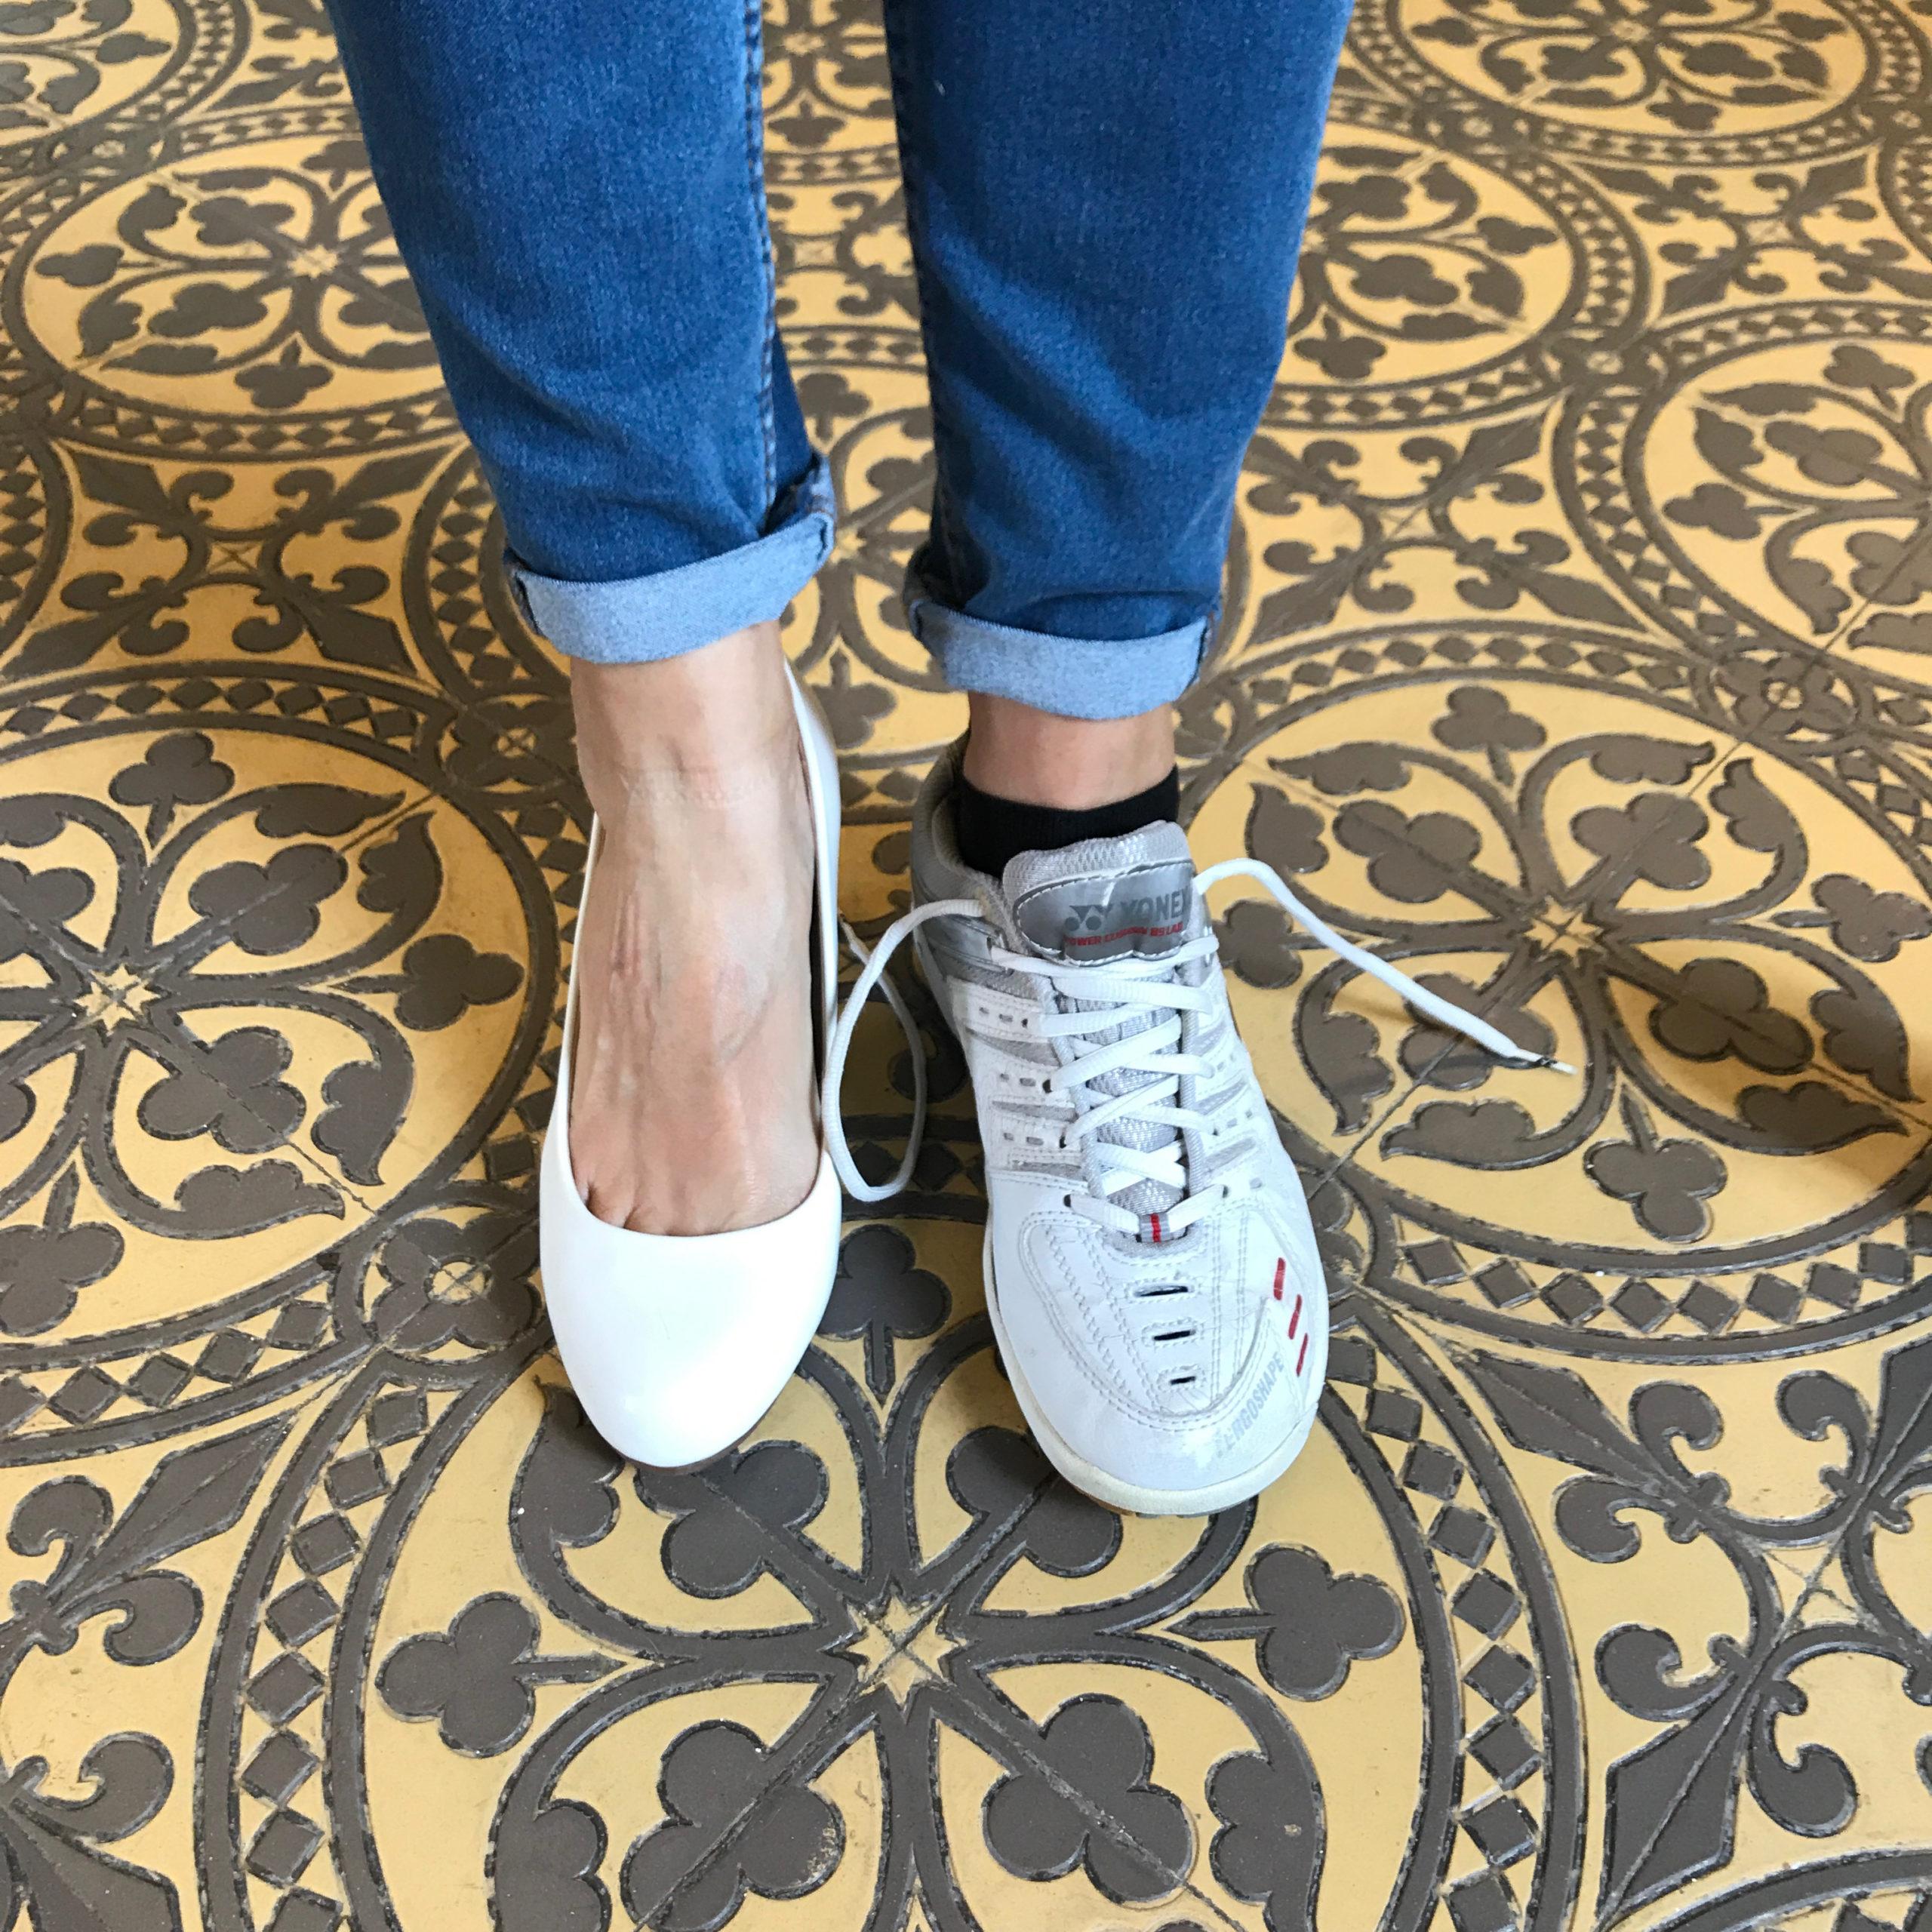 Essai de chaussures au marché gratuit